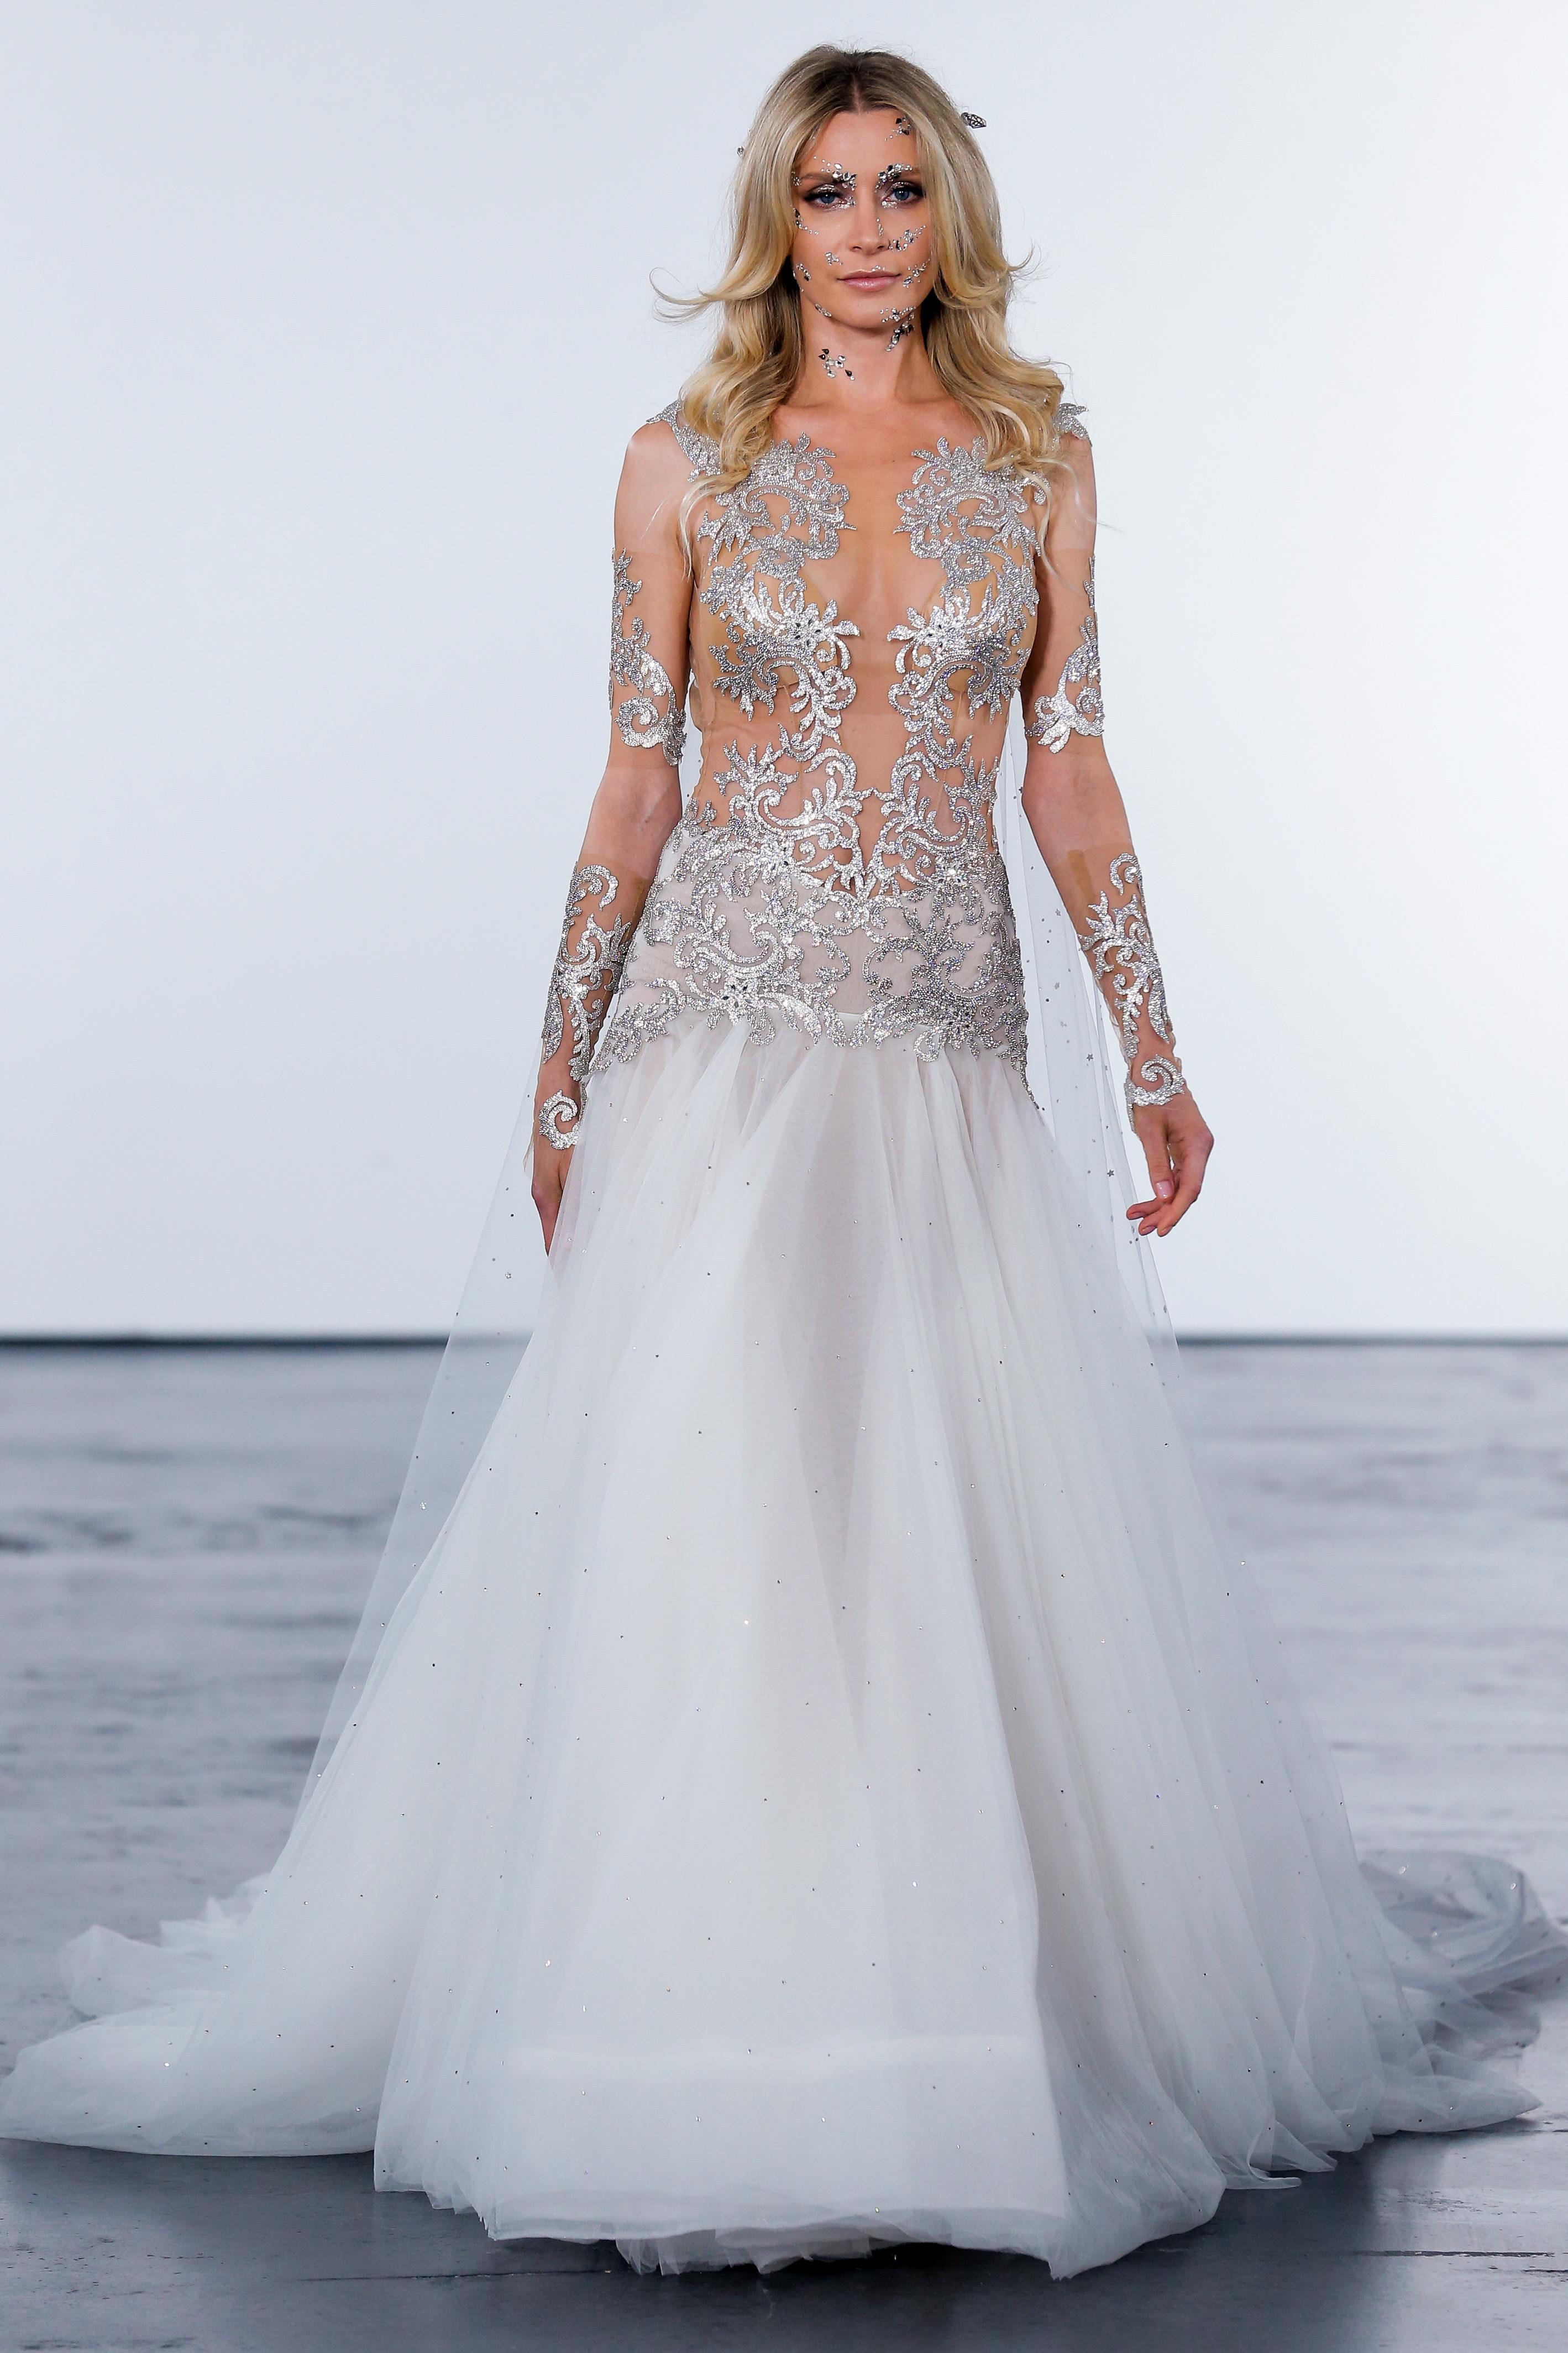 pnina tornai fall 2018 metallic top long sleeve wedding dress